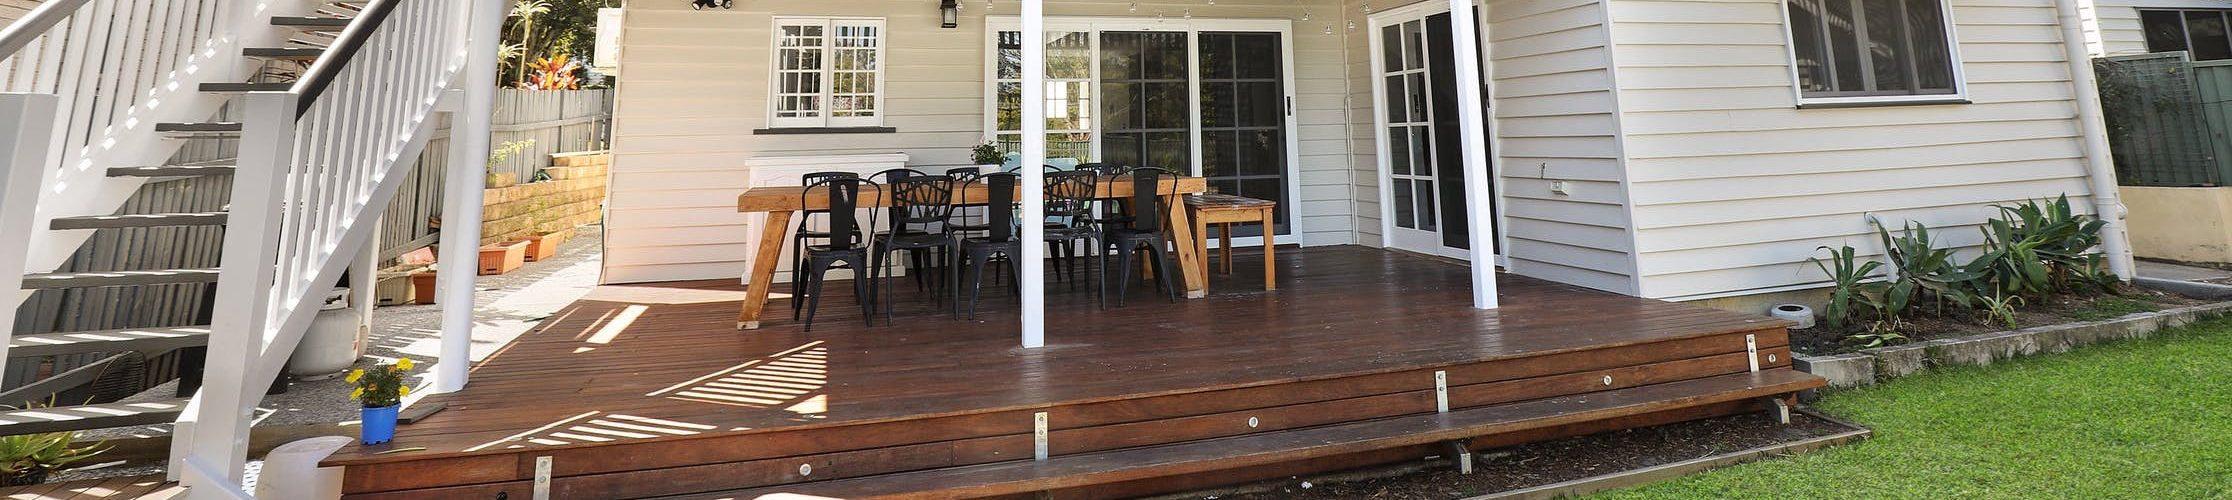 veranda-villa